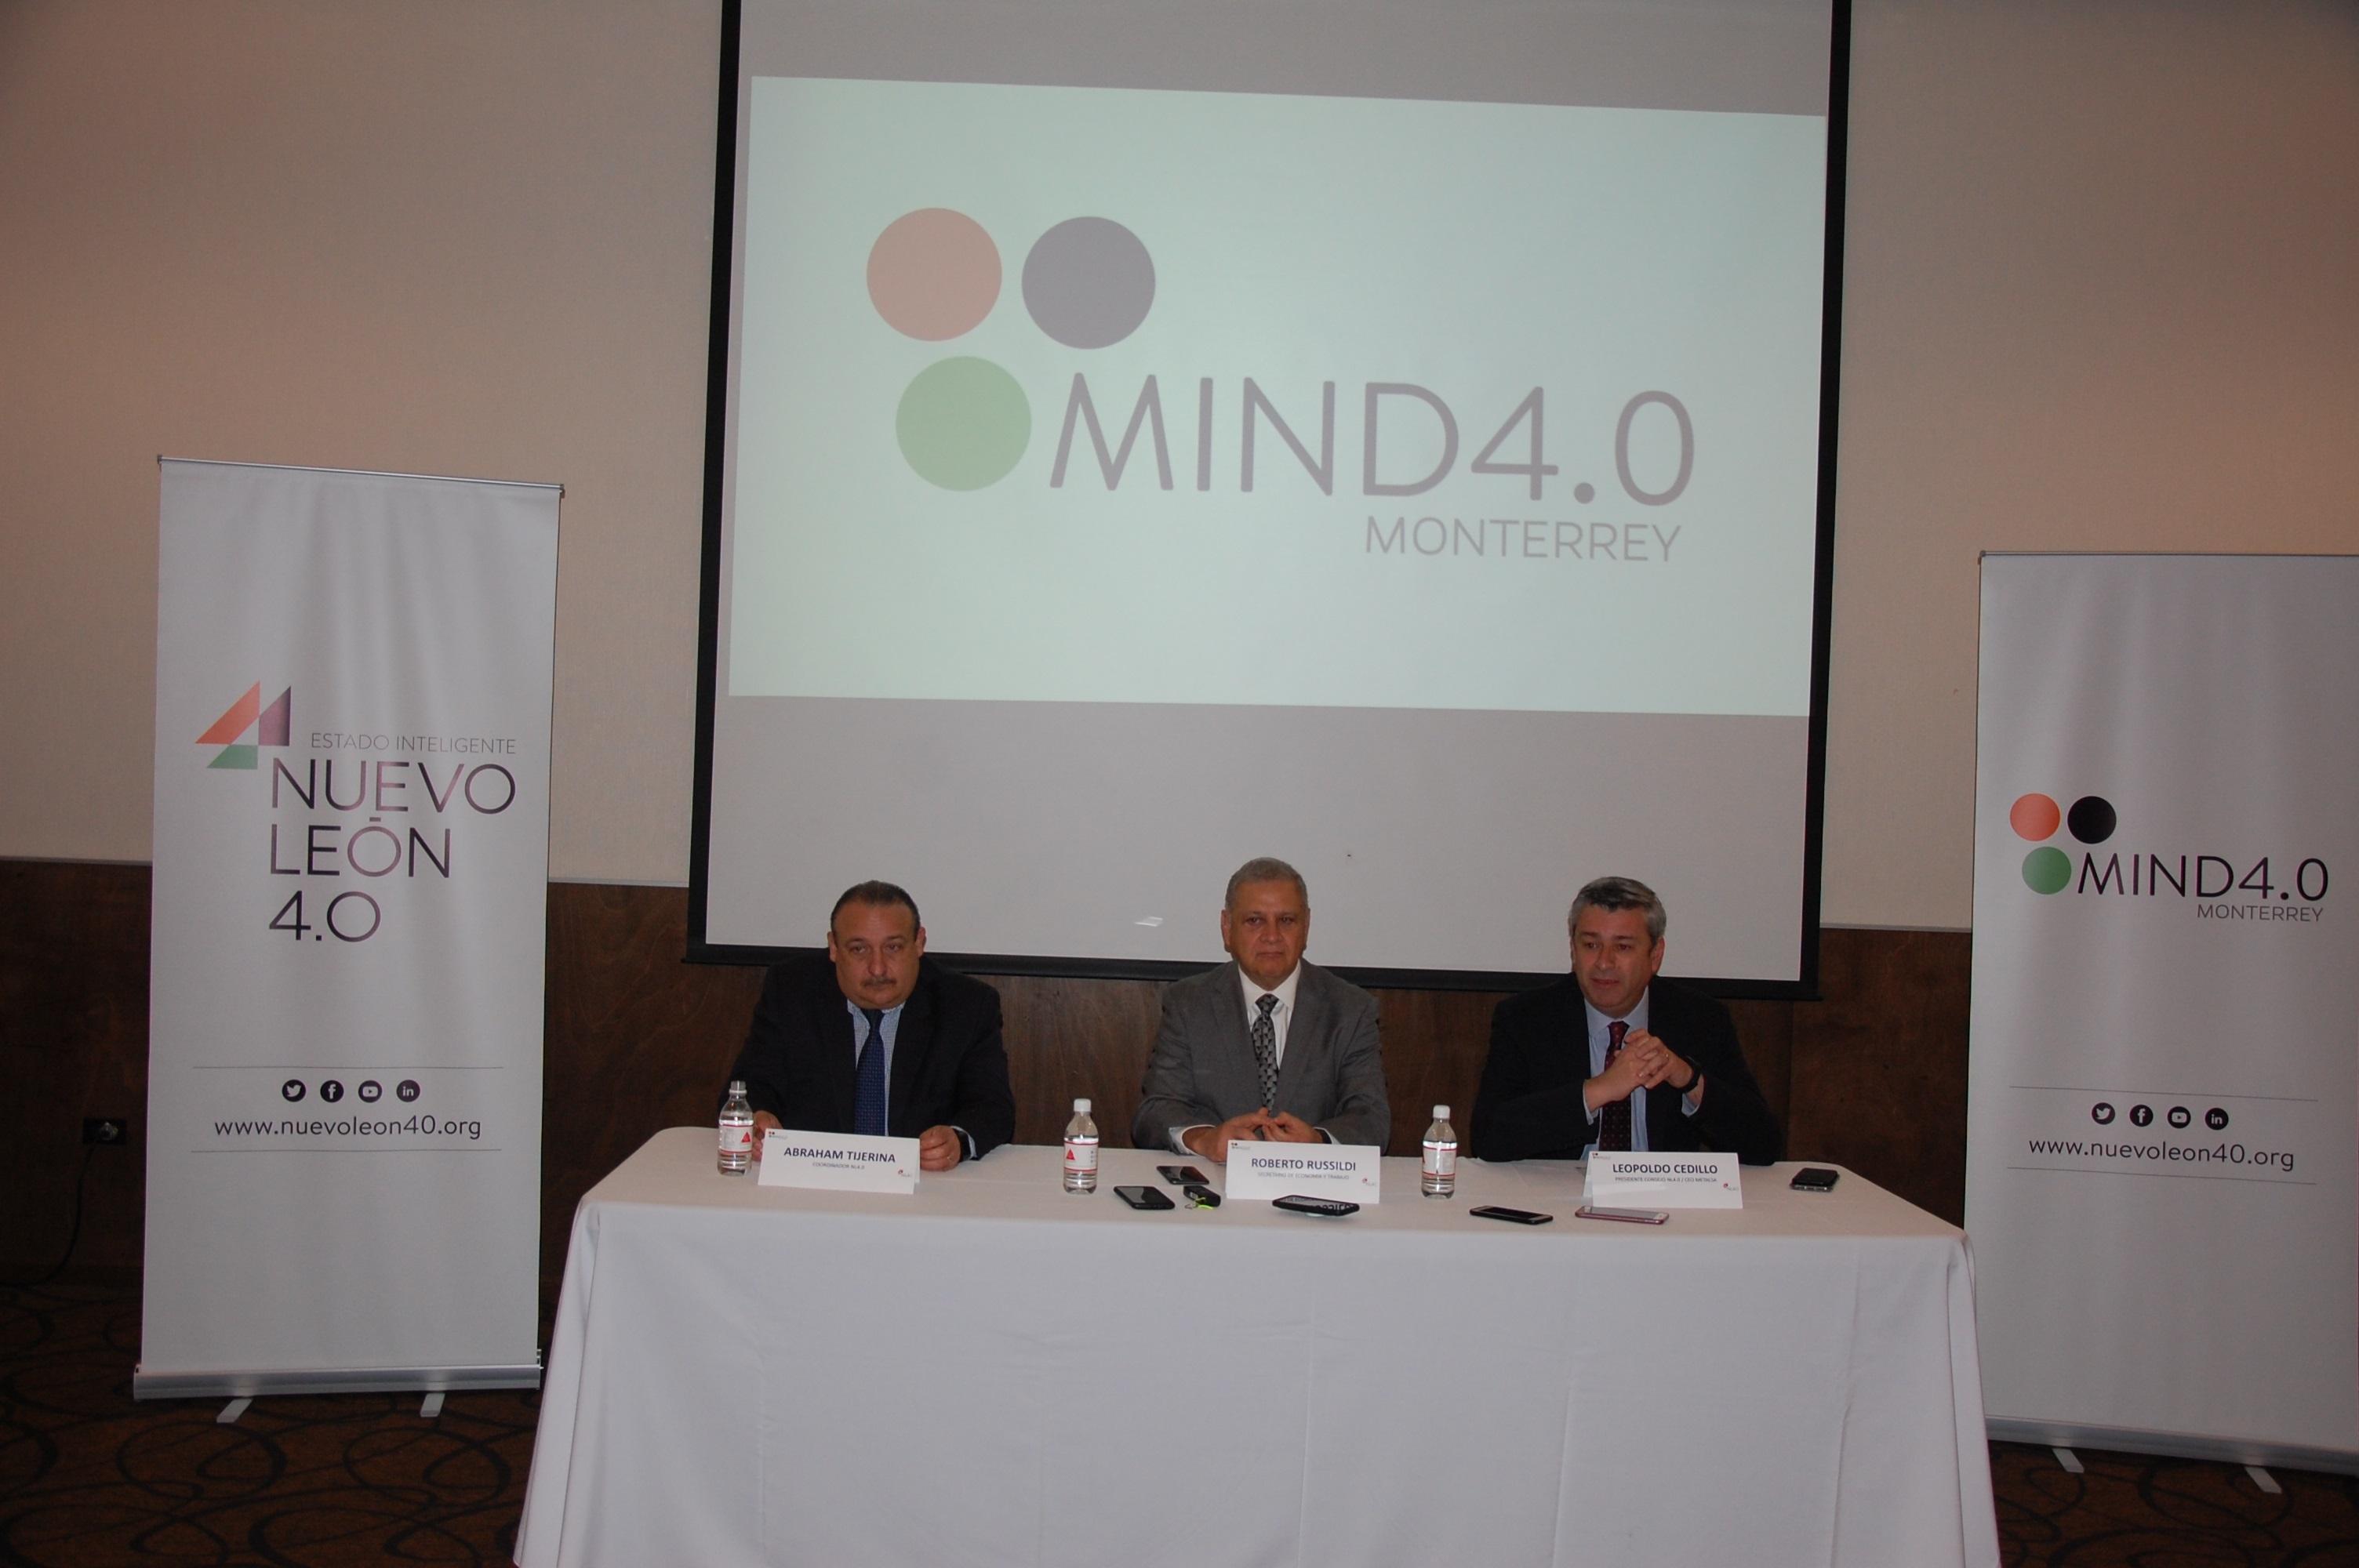 Gobierno de Nuevo León impulsa la tecnología con MIND4.0 Monterrey